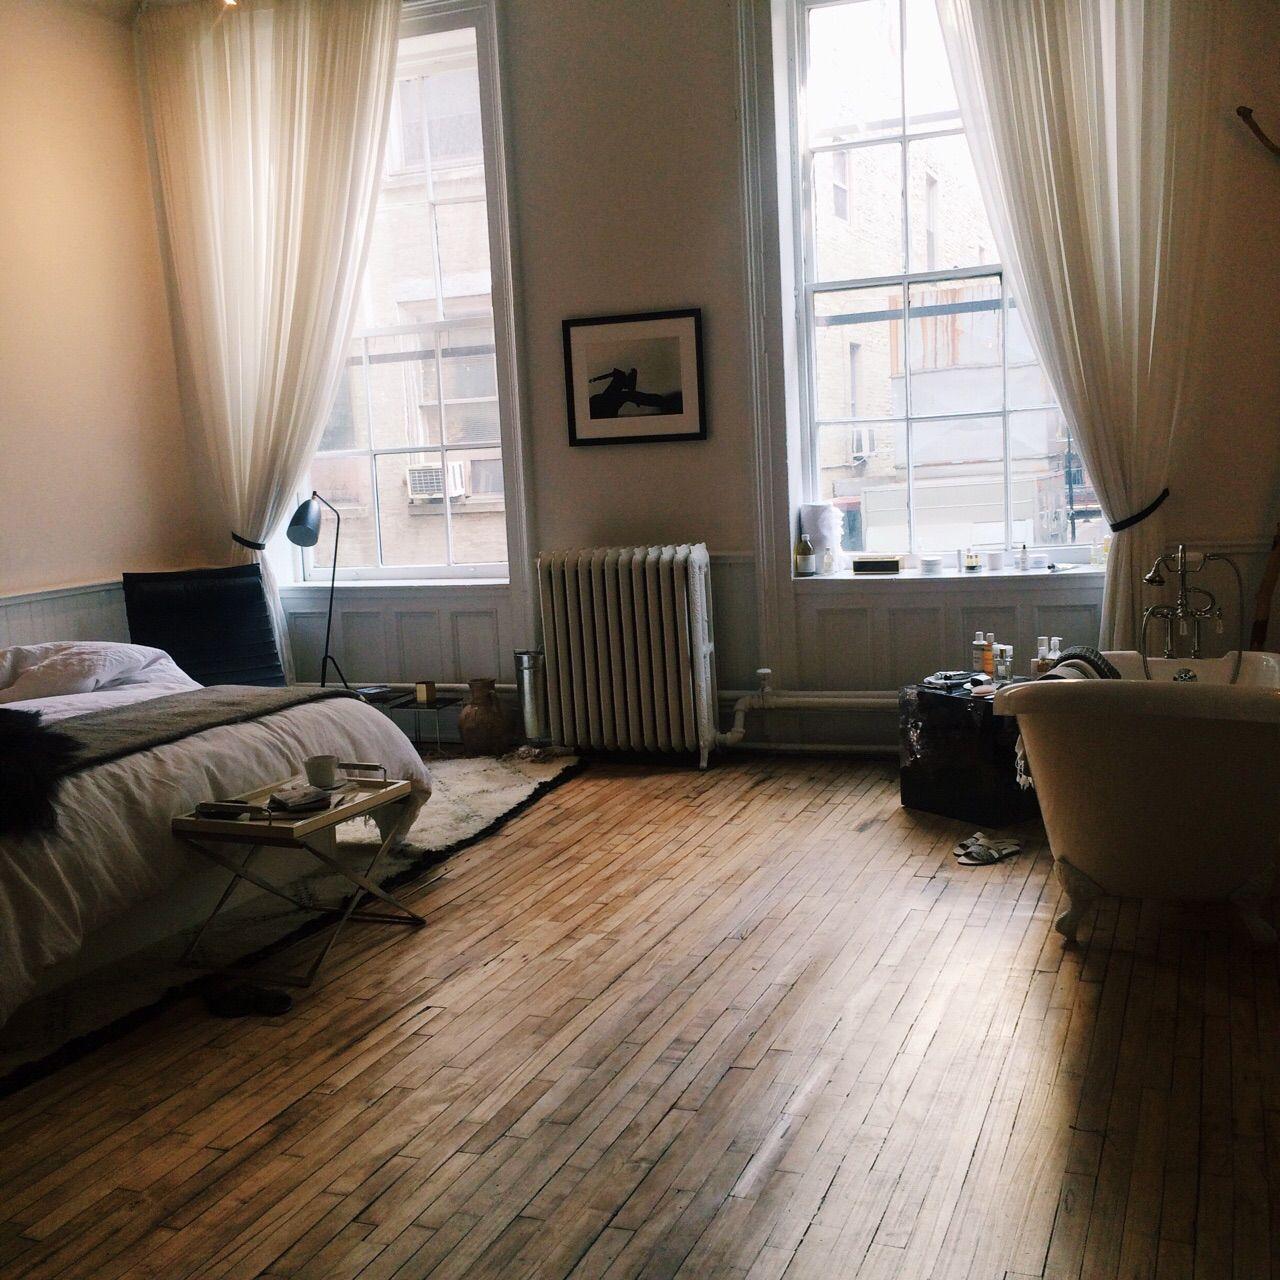 Loft bedroom windows  Pin by Arkadiusz Fydryszewski on udonthavetolikeittumblr